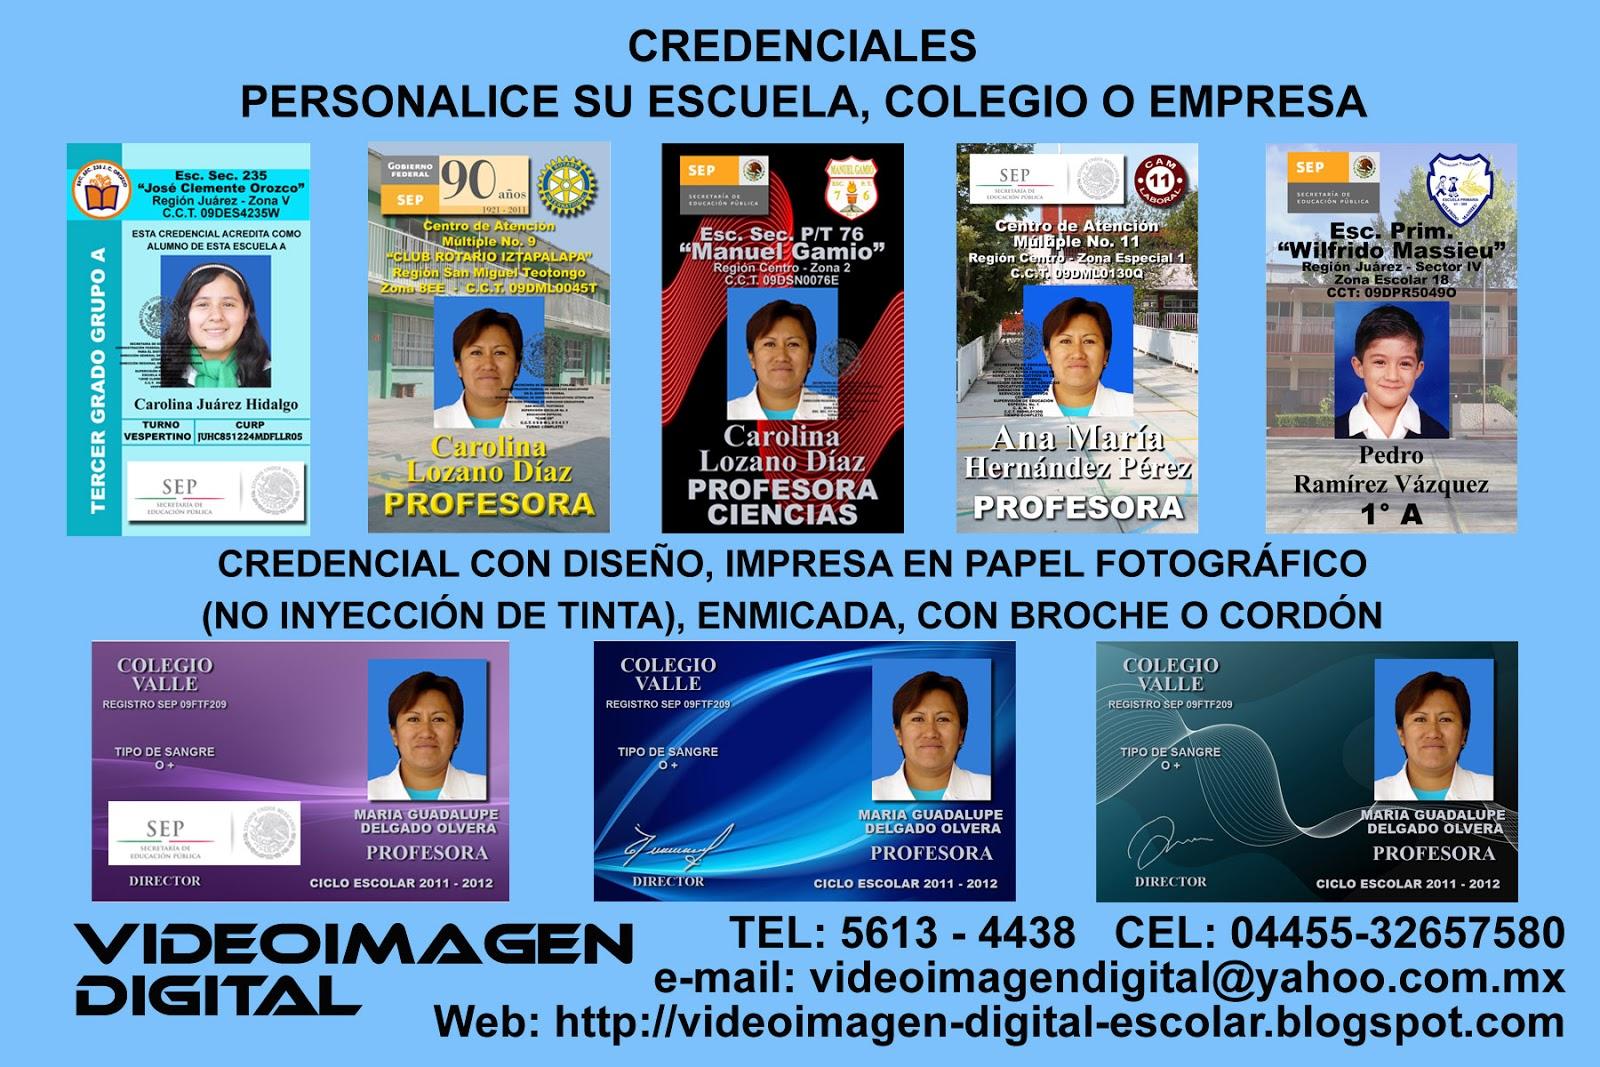 VIDEOIMAGEN DIGITAL ESCOLAR: CREDENCIALES